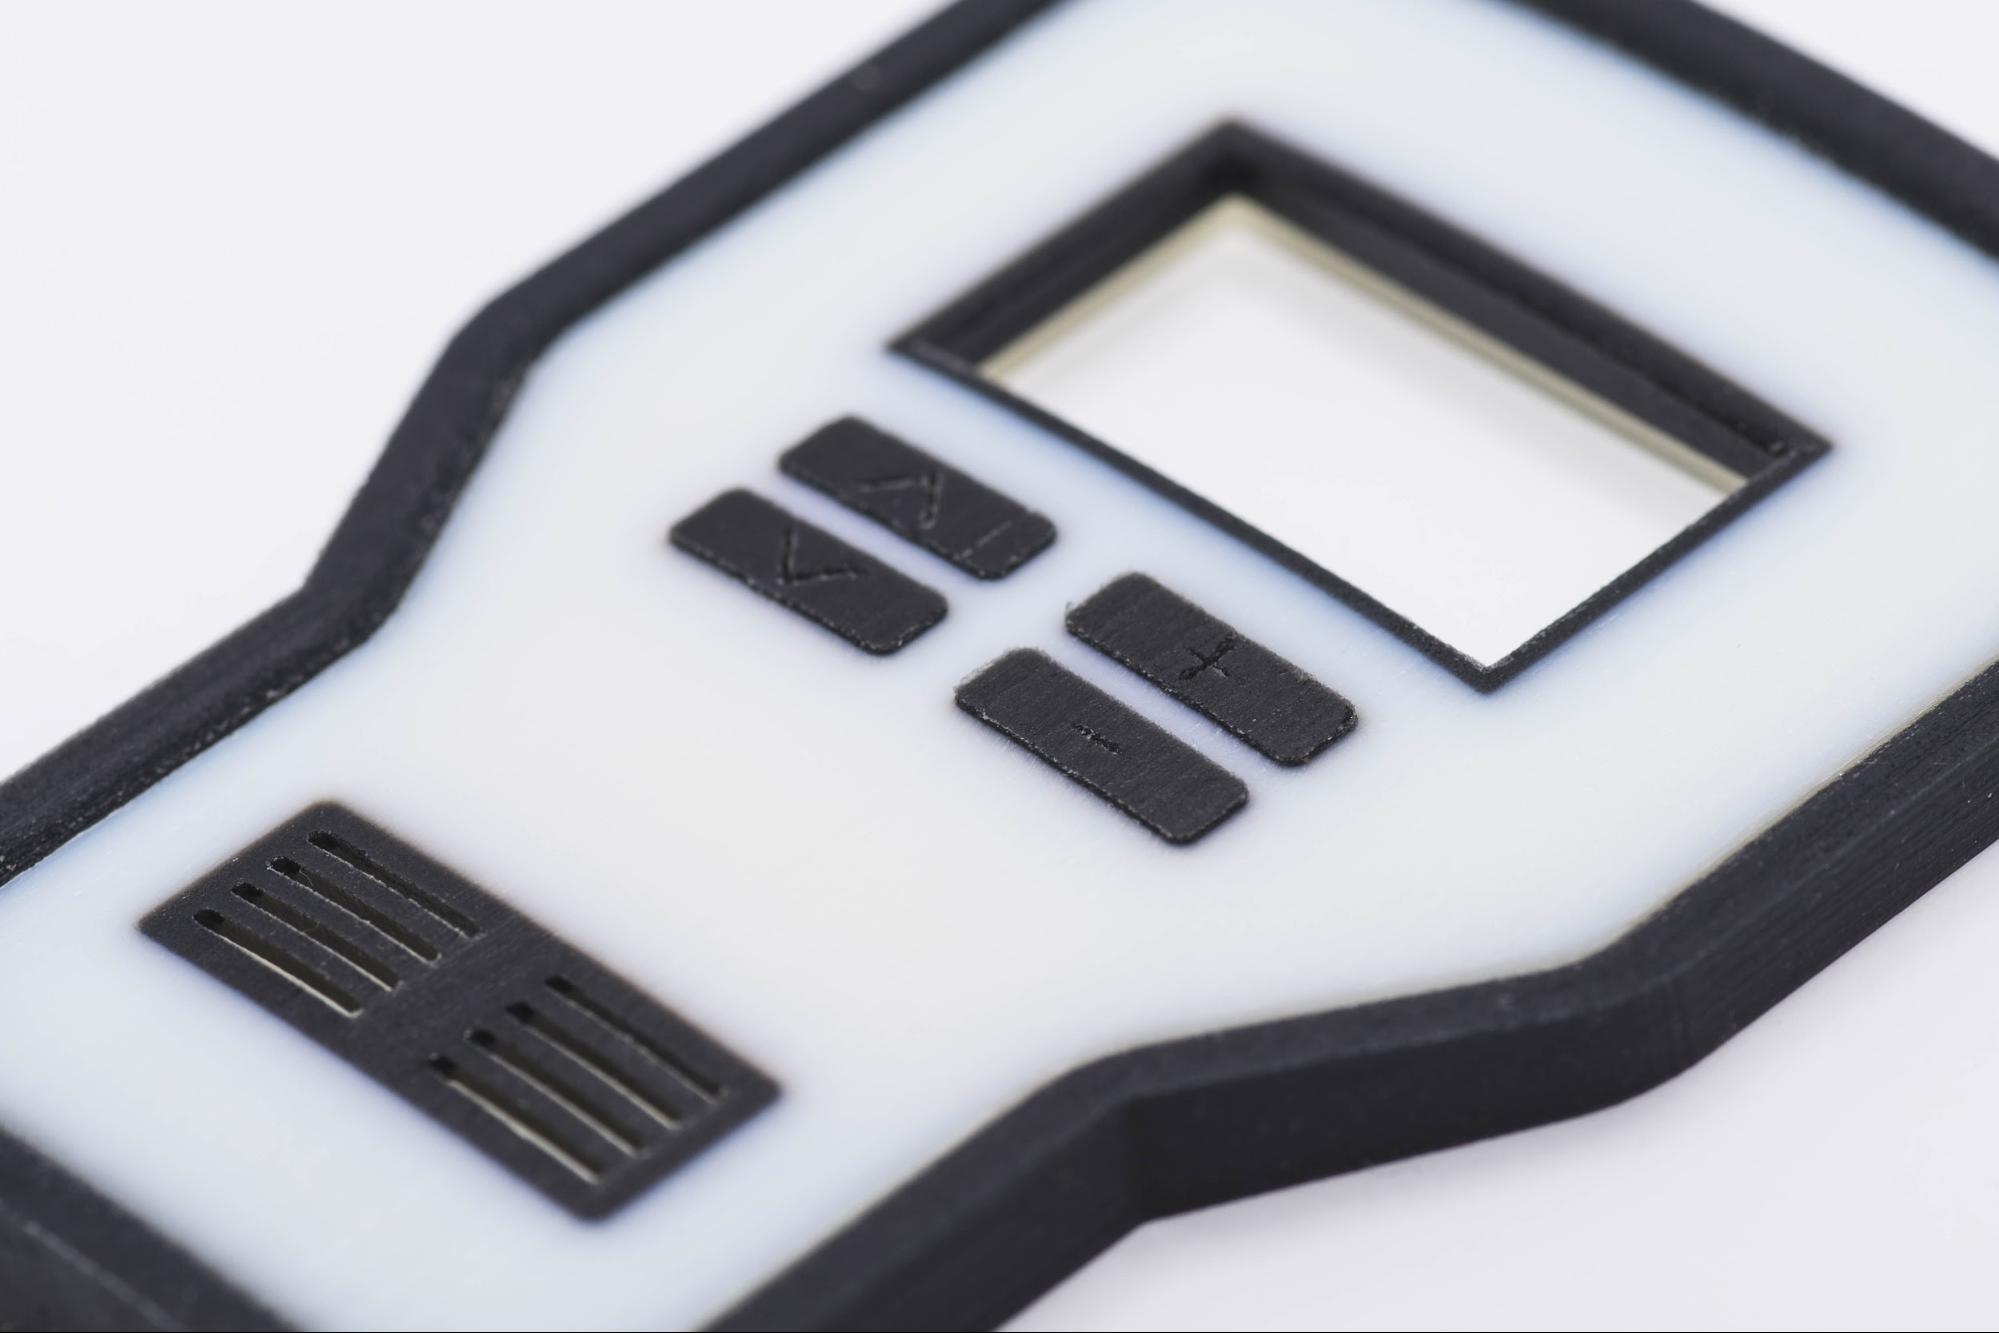 یک نمونه پرینت سه بعدی مولتی متریال تشکیل شده از بخش هاش سفید محکم و مشکی انعطاف پذیر لاستیکی.